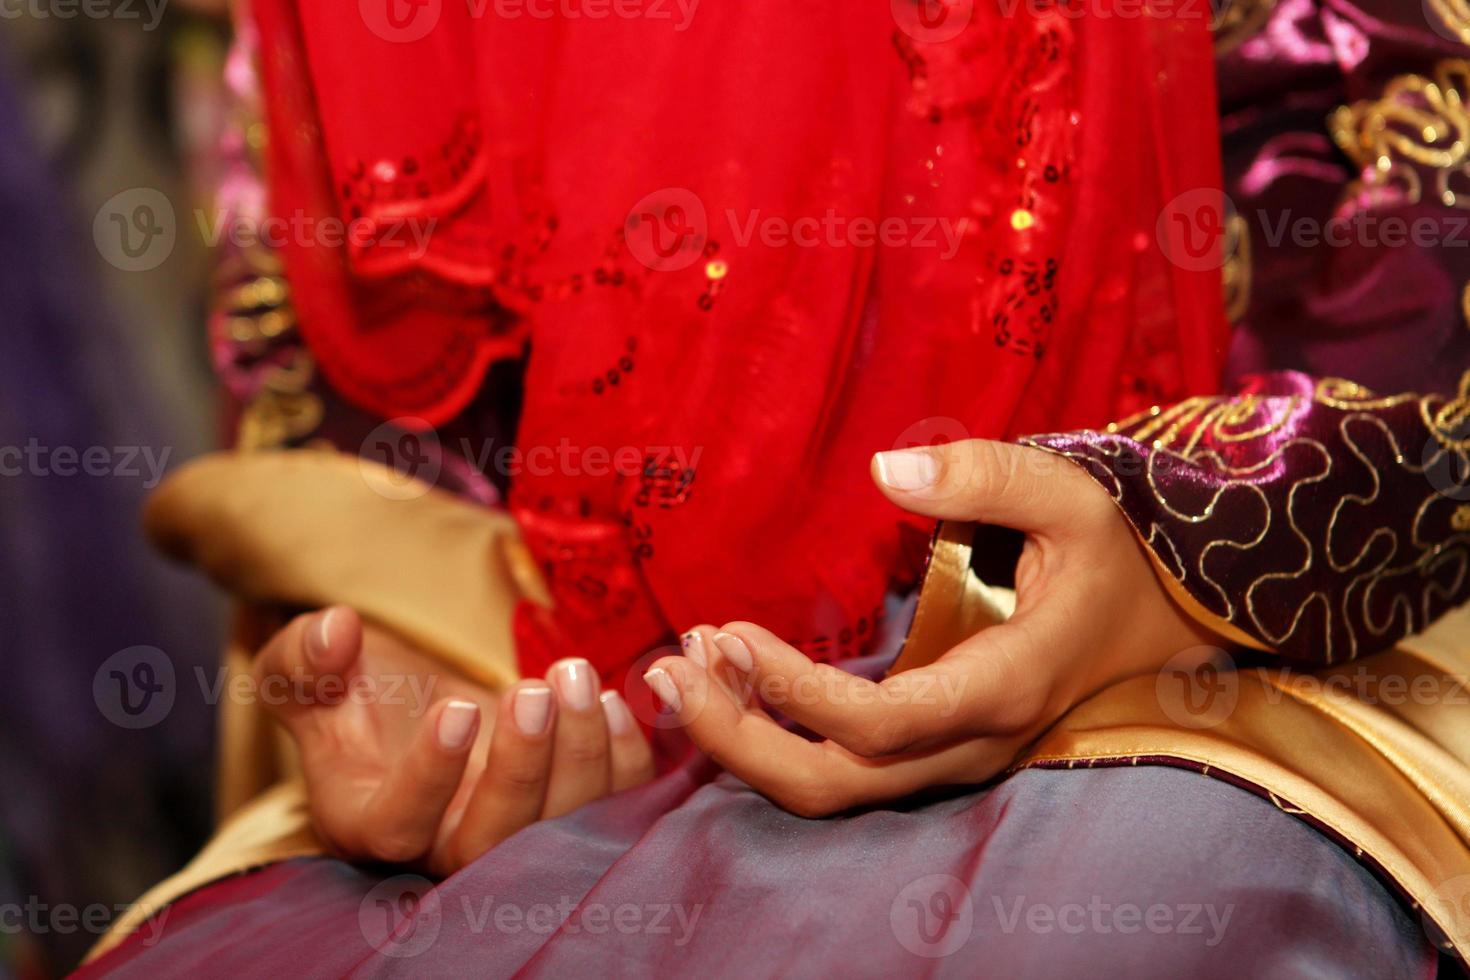 cerimonia tradizionale del hennè prima del matrimonio in Turchia foto